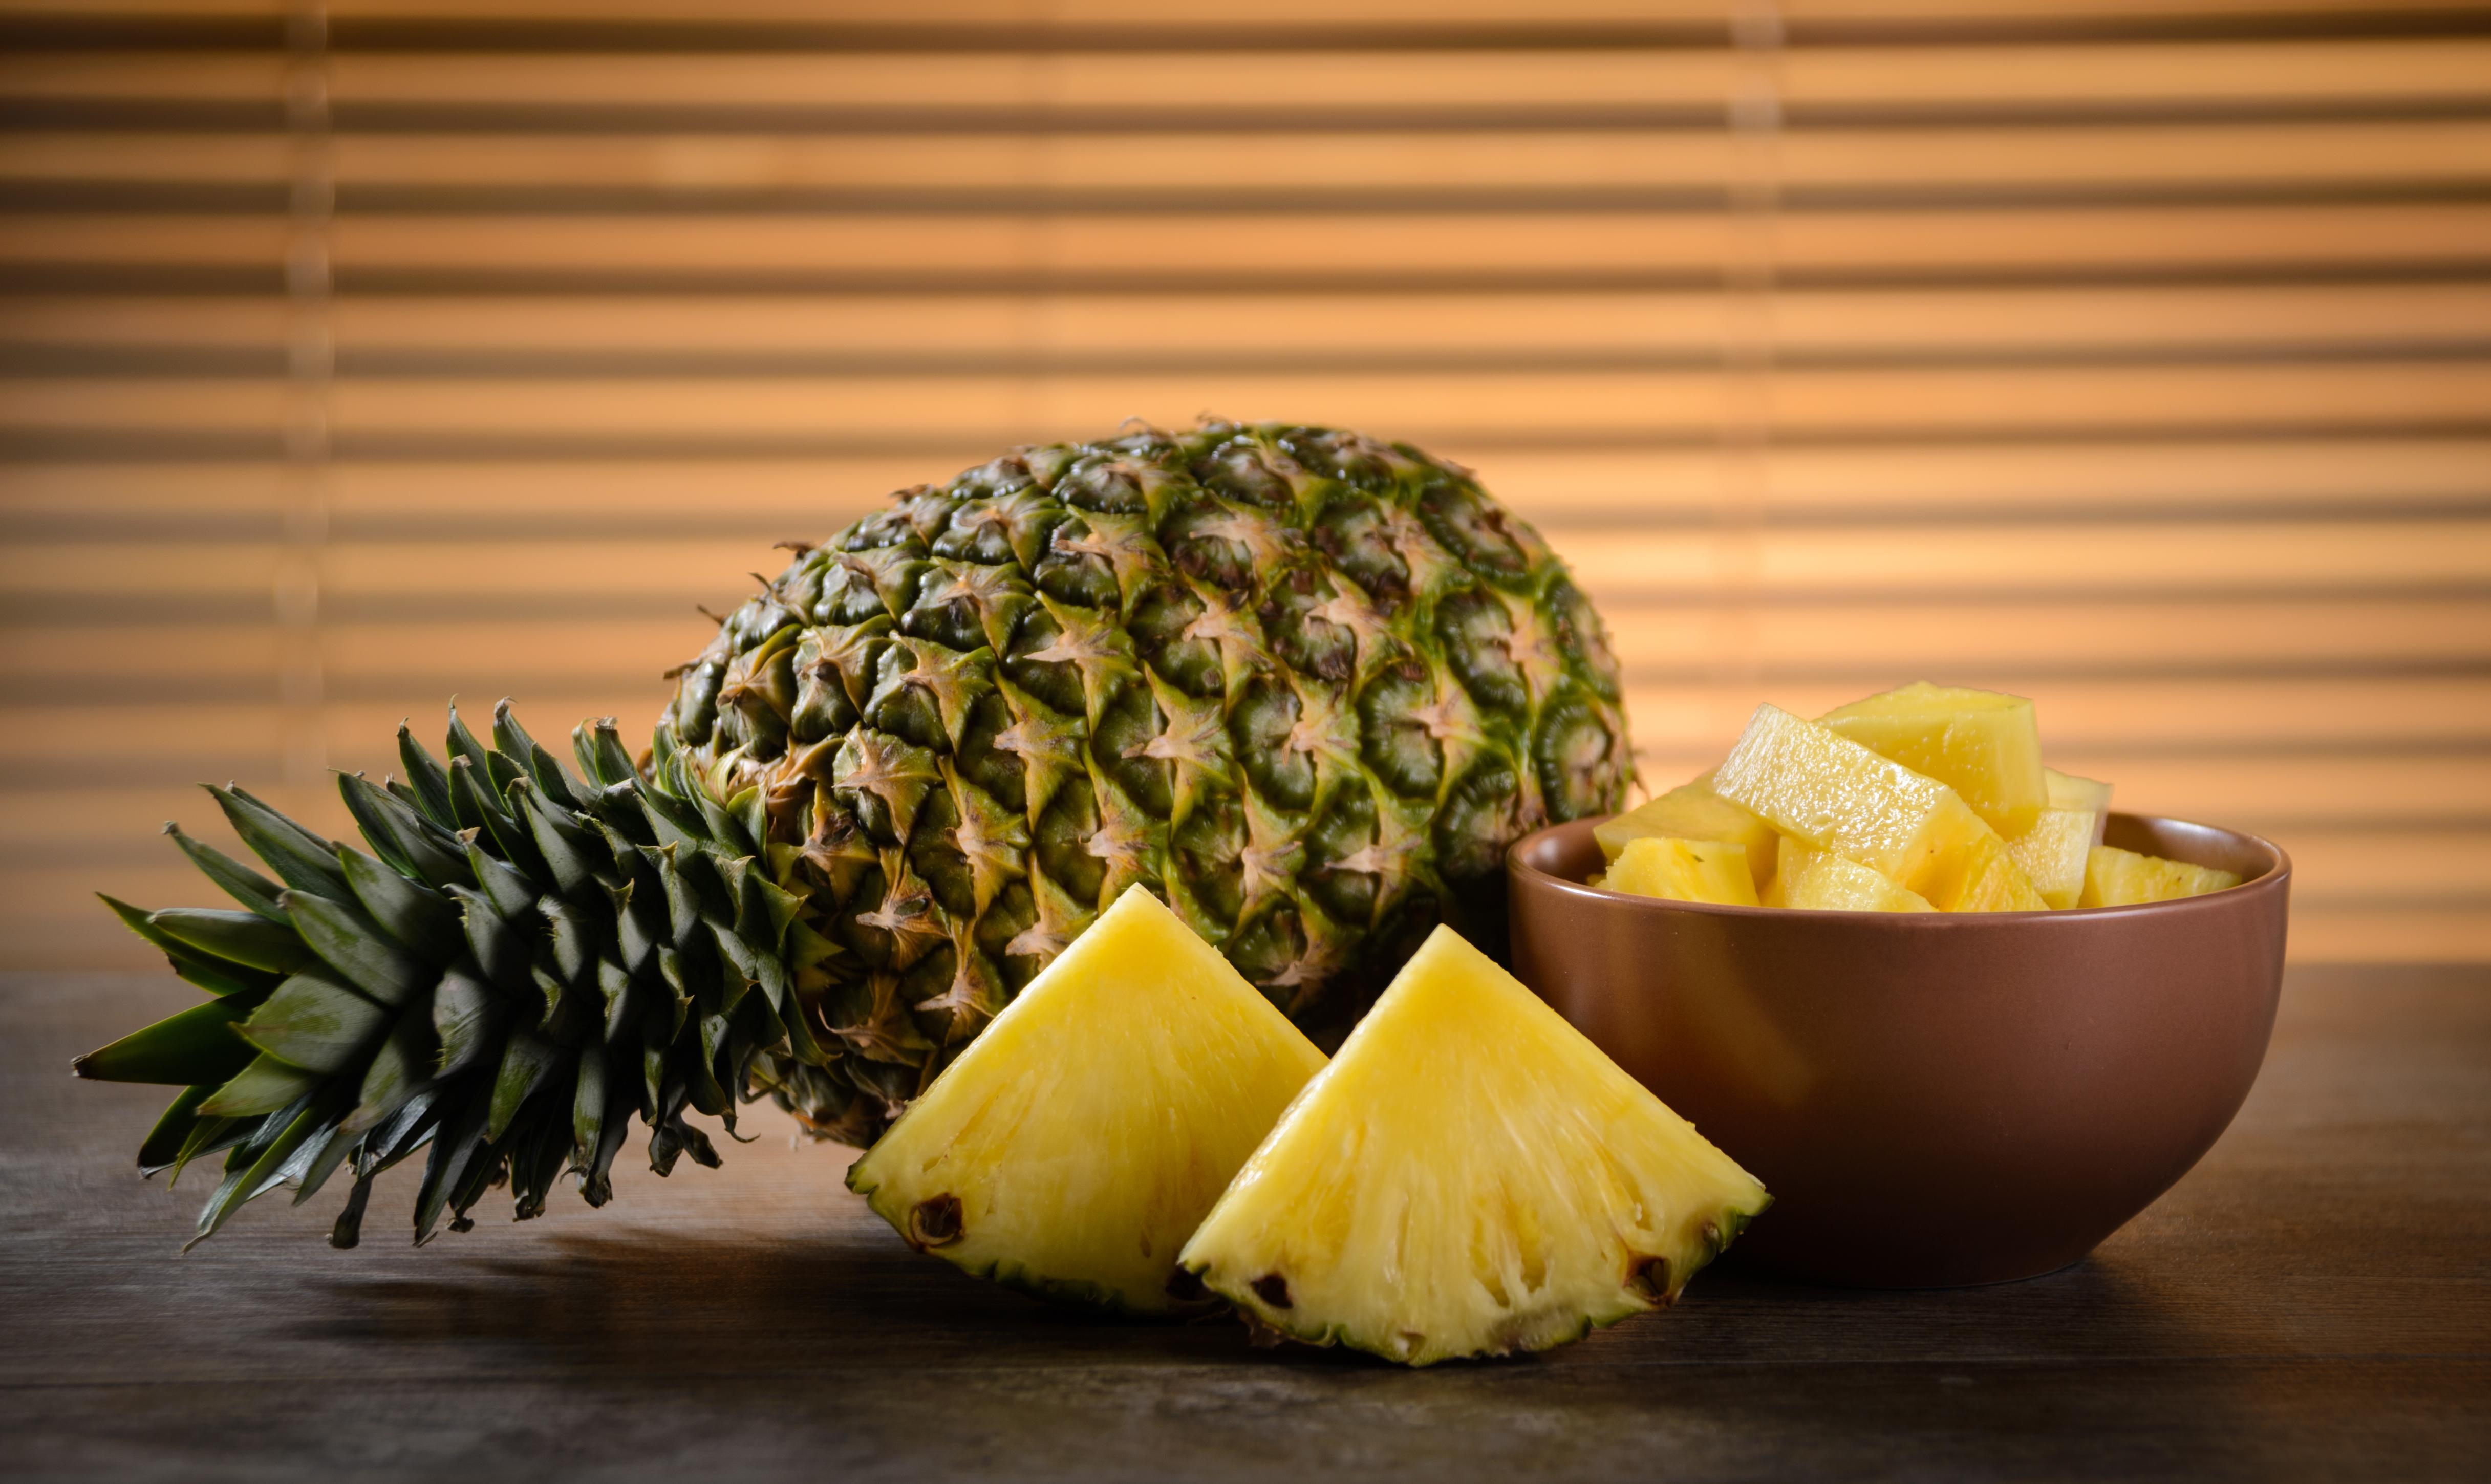 как определить зрелость ананаса?;